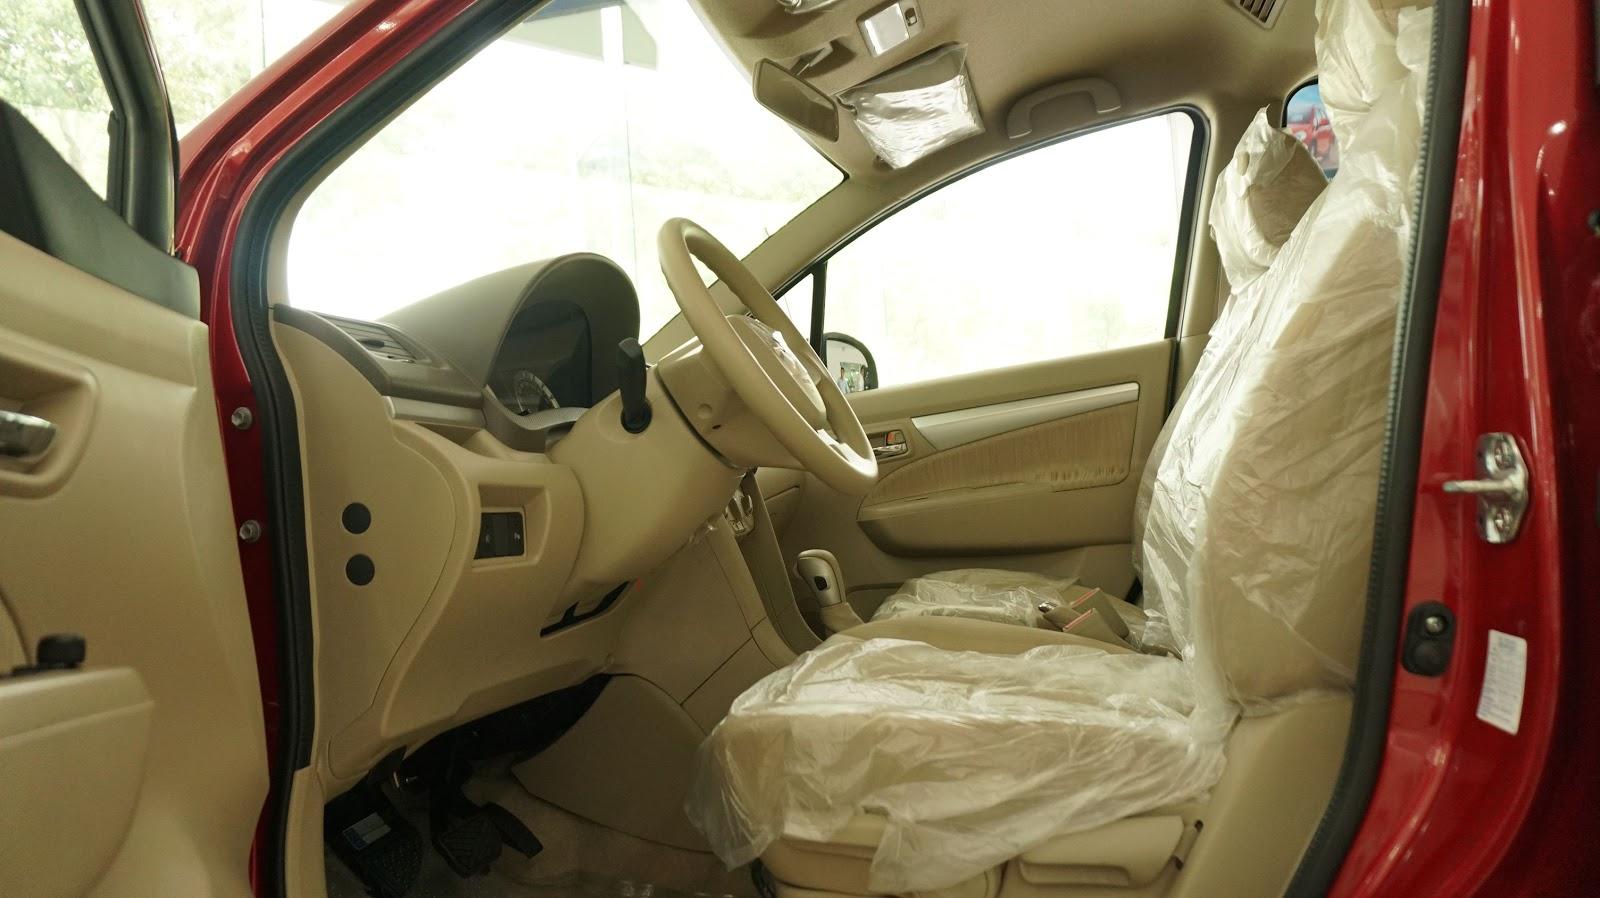 Khoang xe sang trọng, ghế nỉ, thiết kế tinh tế, đơn giản, sáng lạn